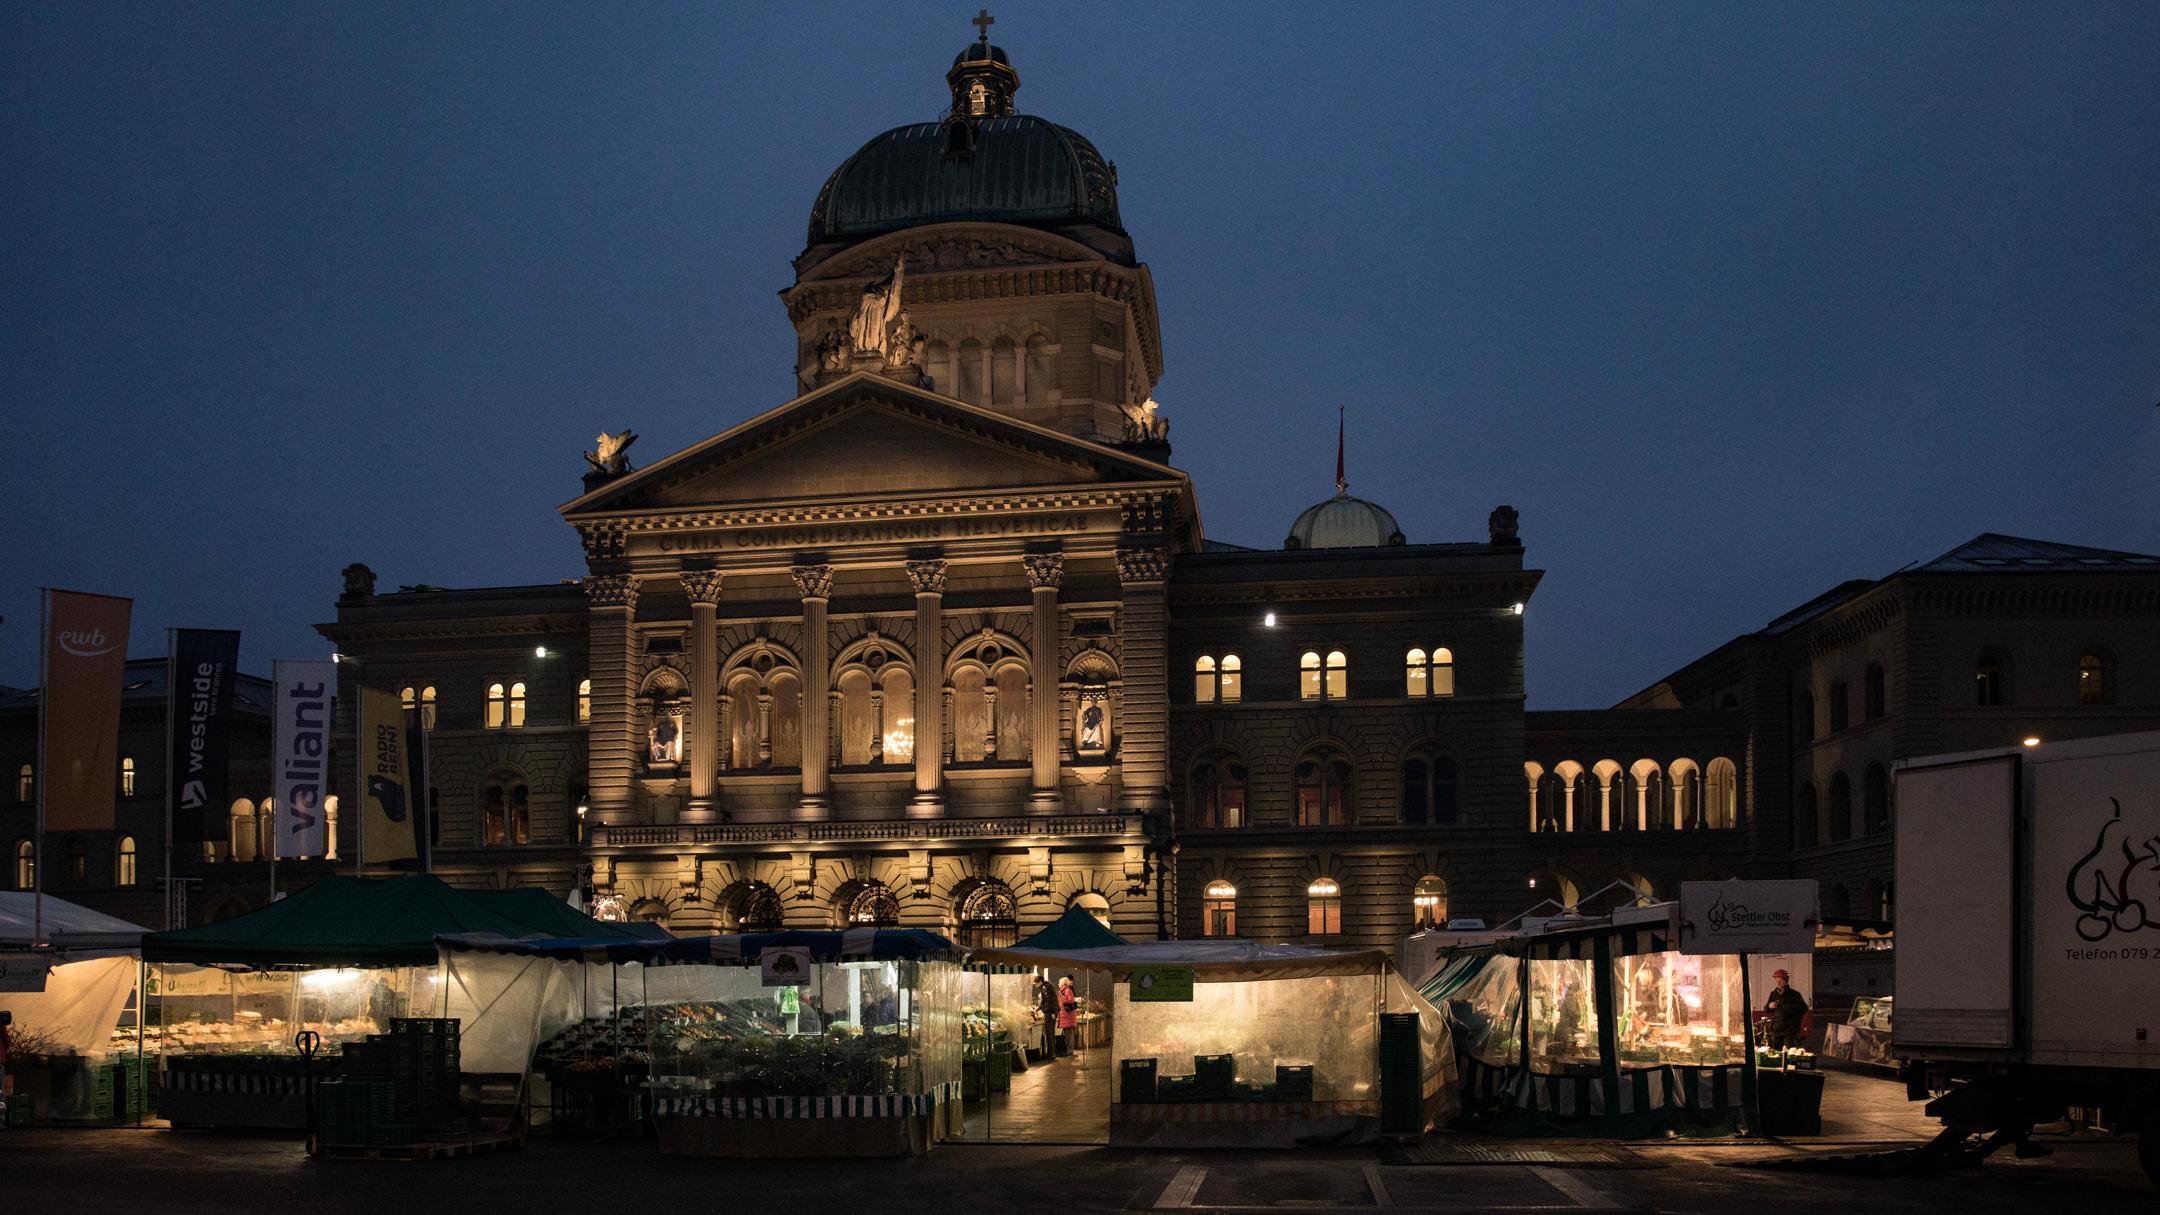 Wochenmarkt vor Bundeshaus im Morgengrauen